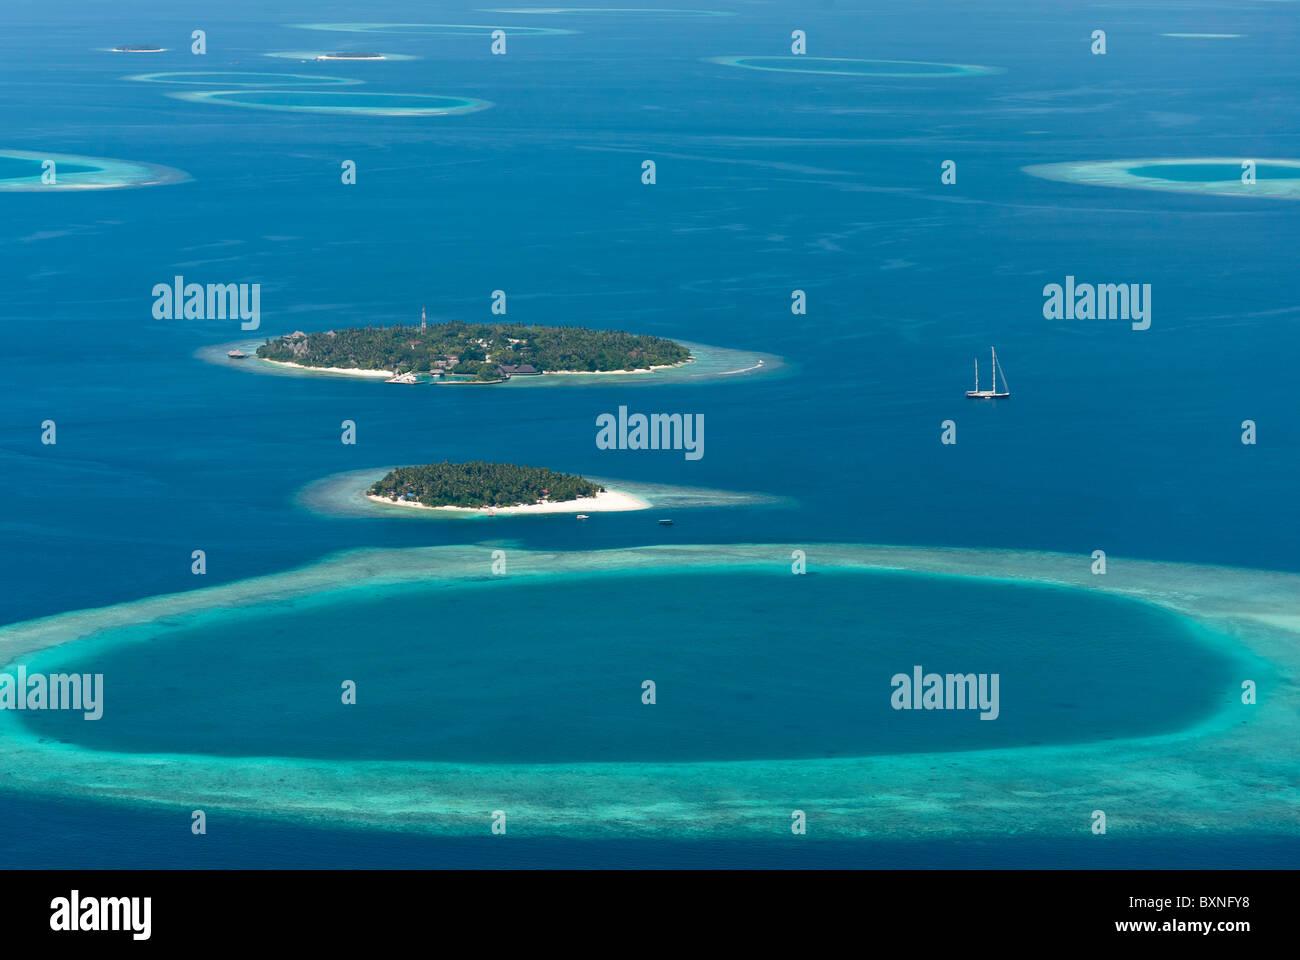 Vista aerea di Bandos Island Resort alle Maldive e che circondano le barriere coralline e le isole. Immagini Stock